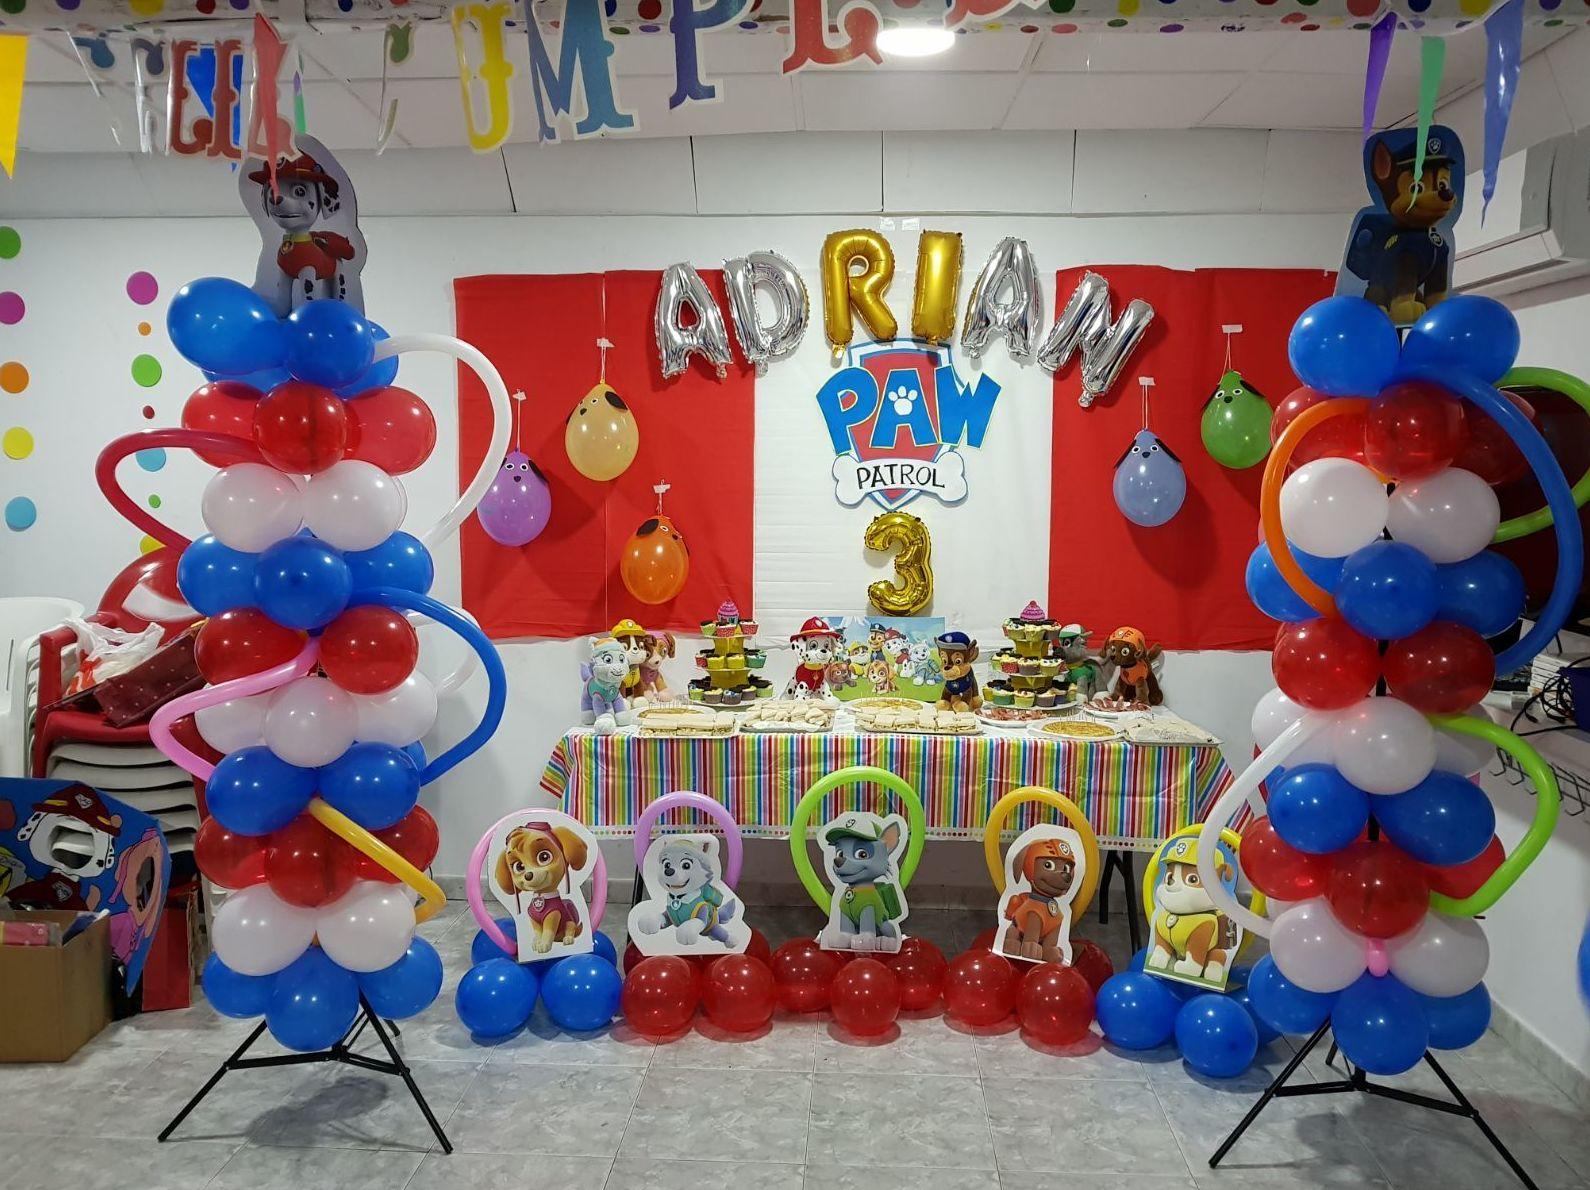 Preciosos adornos prepararon los papás de Adrián el viernes para su fiesta de cumpleaños. Lo pasamos genial muchas felicidades Adrián!